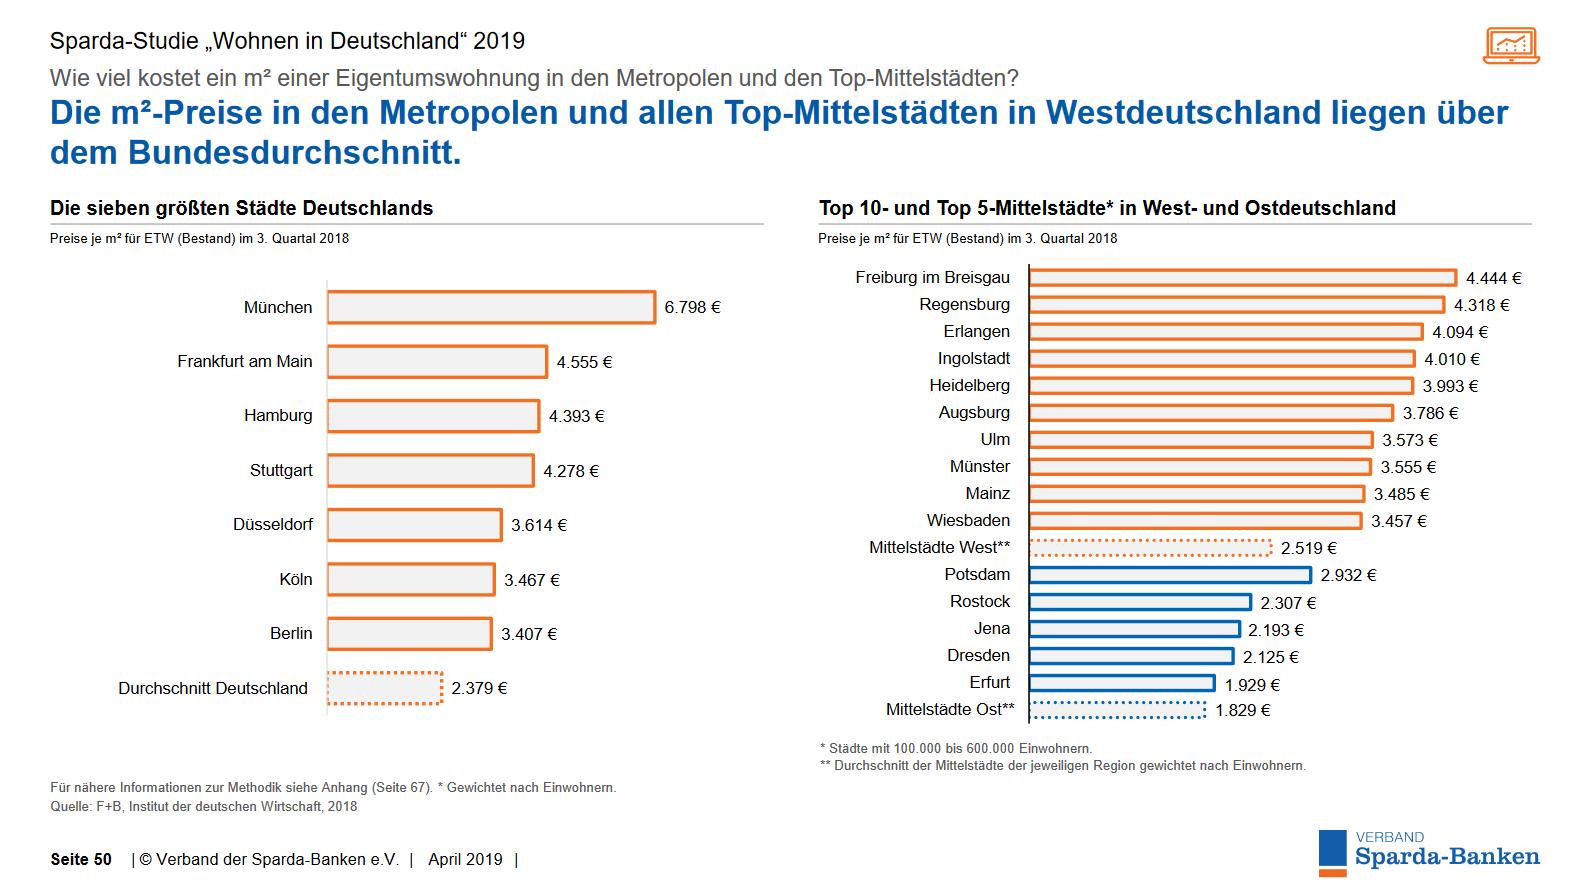 Preise Eigentumswohnungen in Ost und West